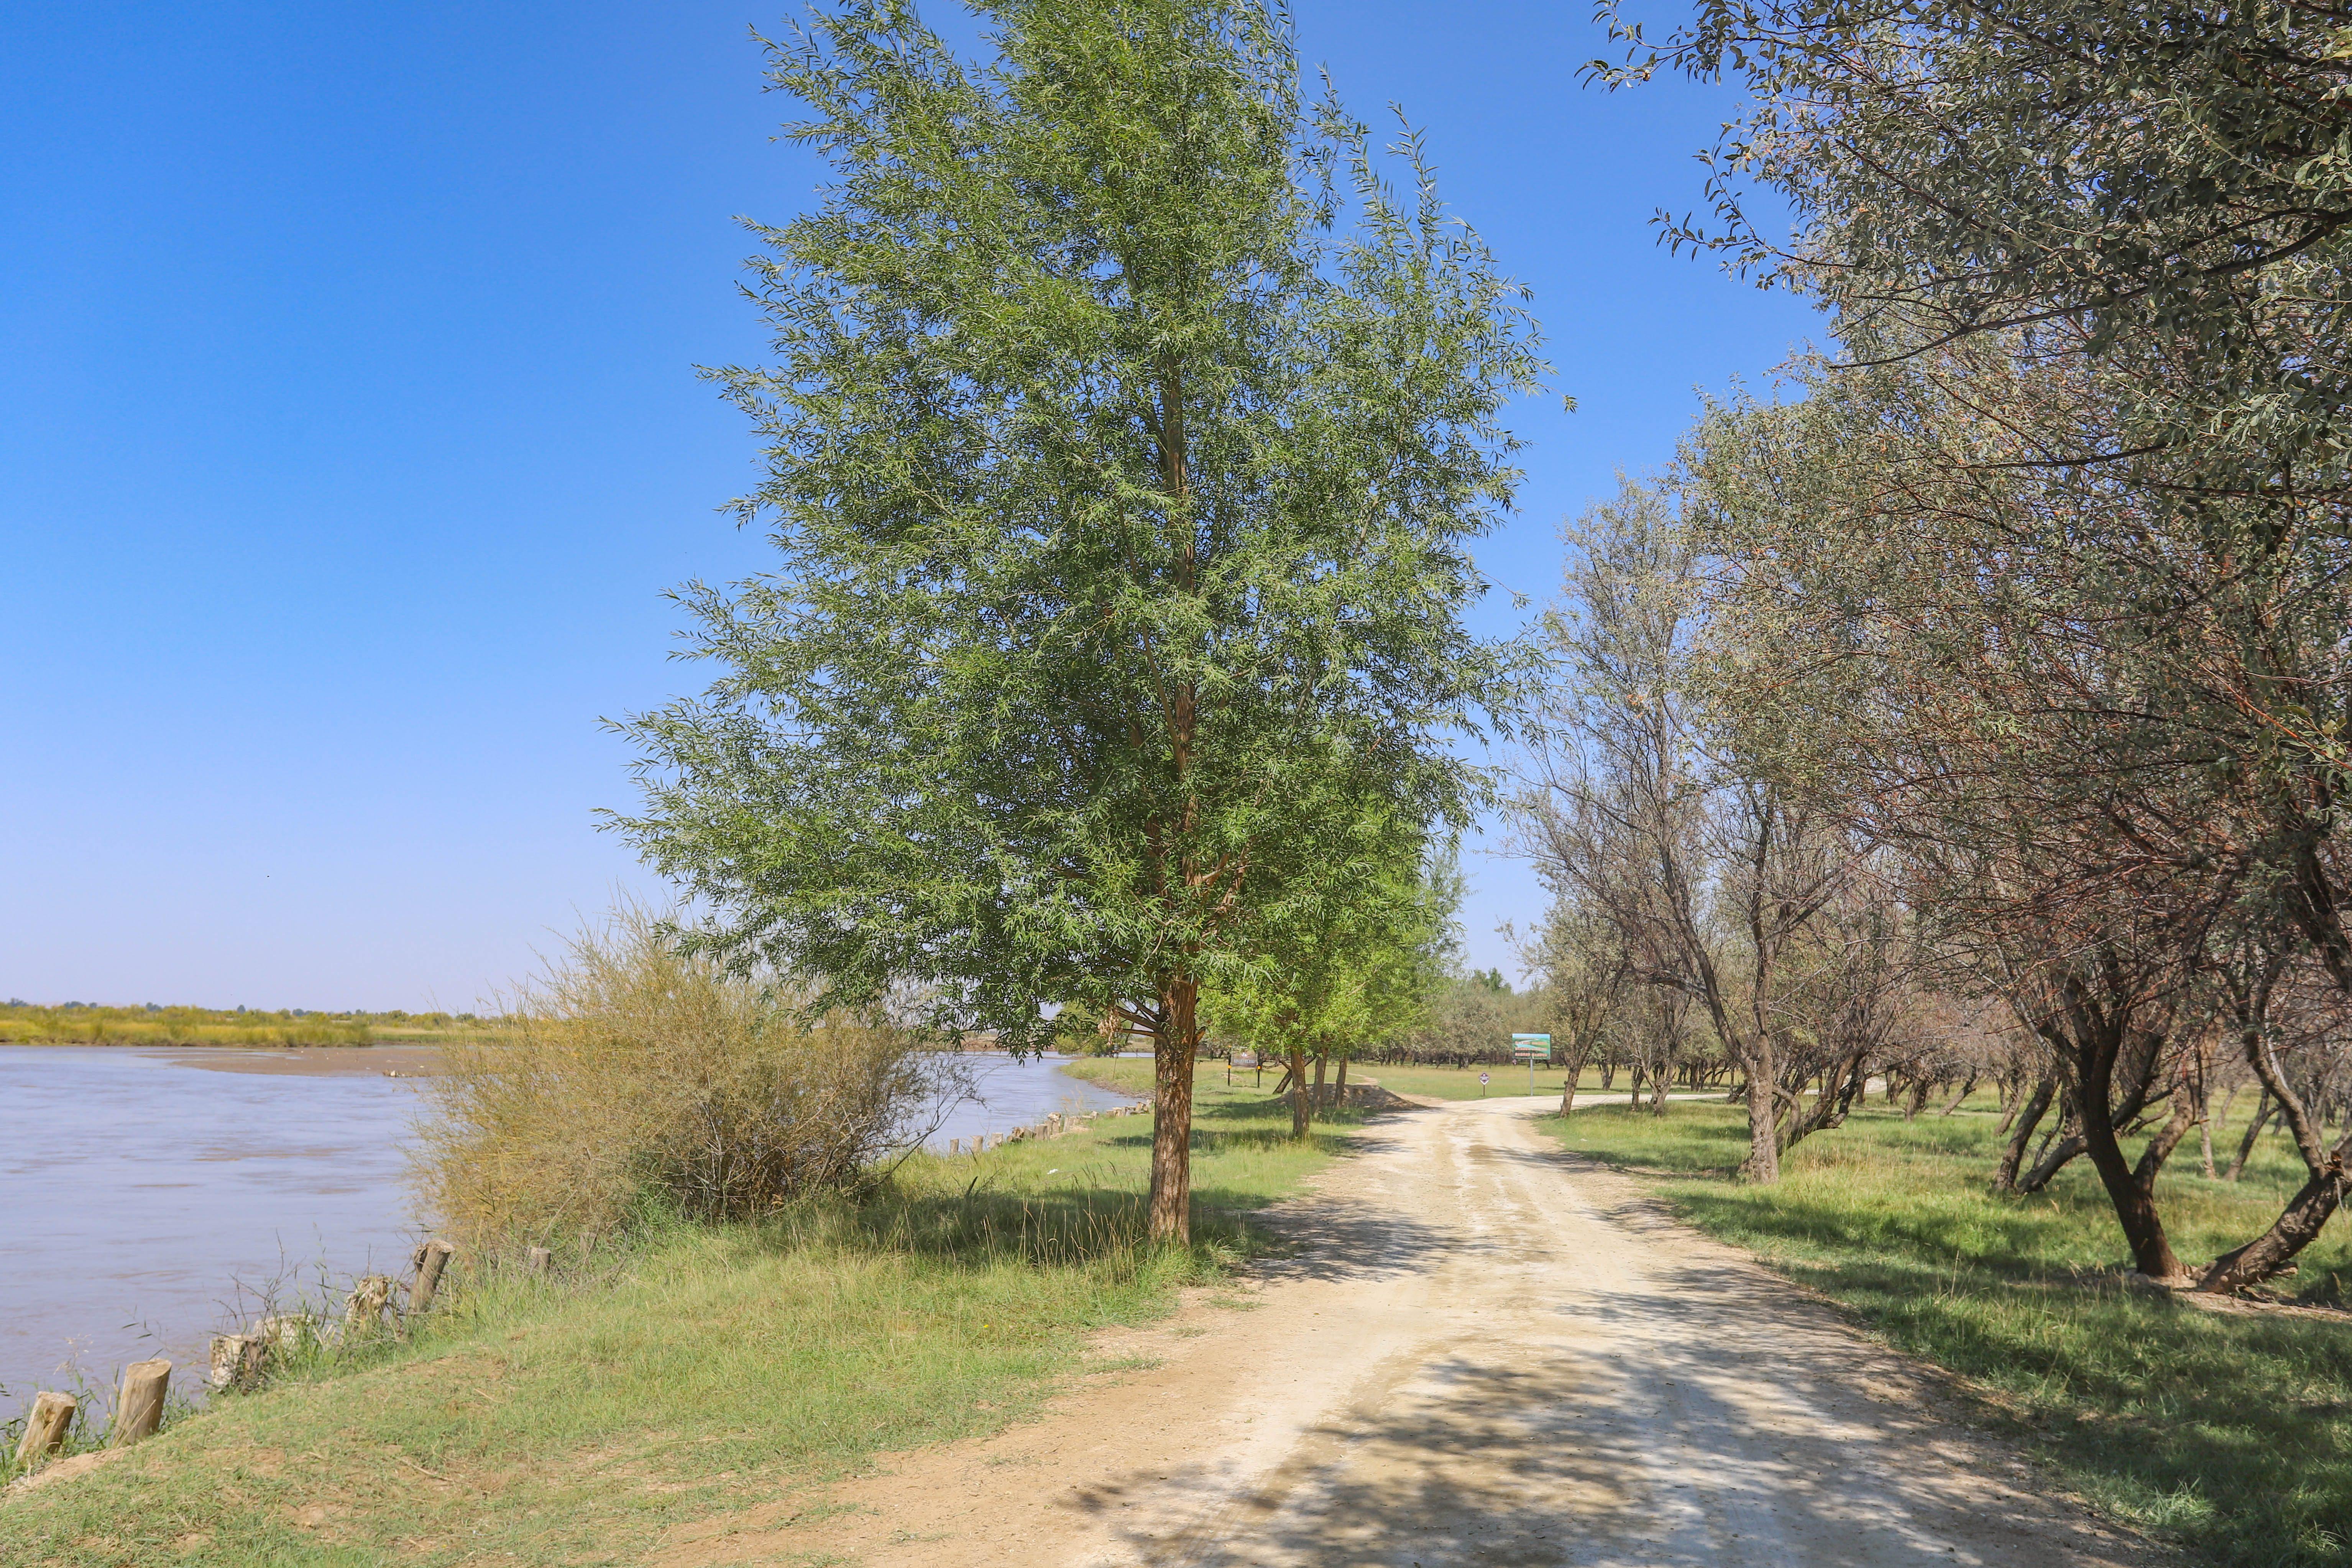 甘肅一小縣城,被兩大沙漠包圍,治沙綠化堪稱世界模范